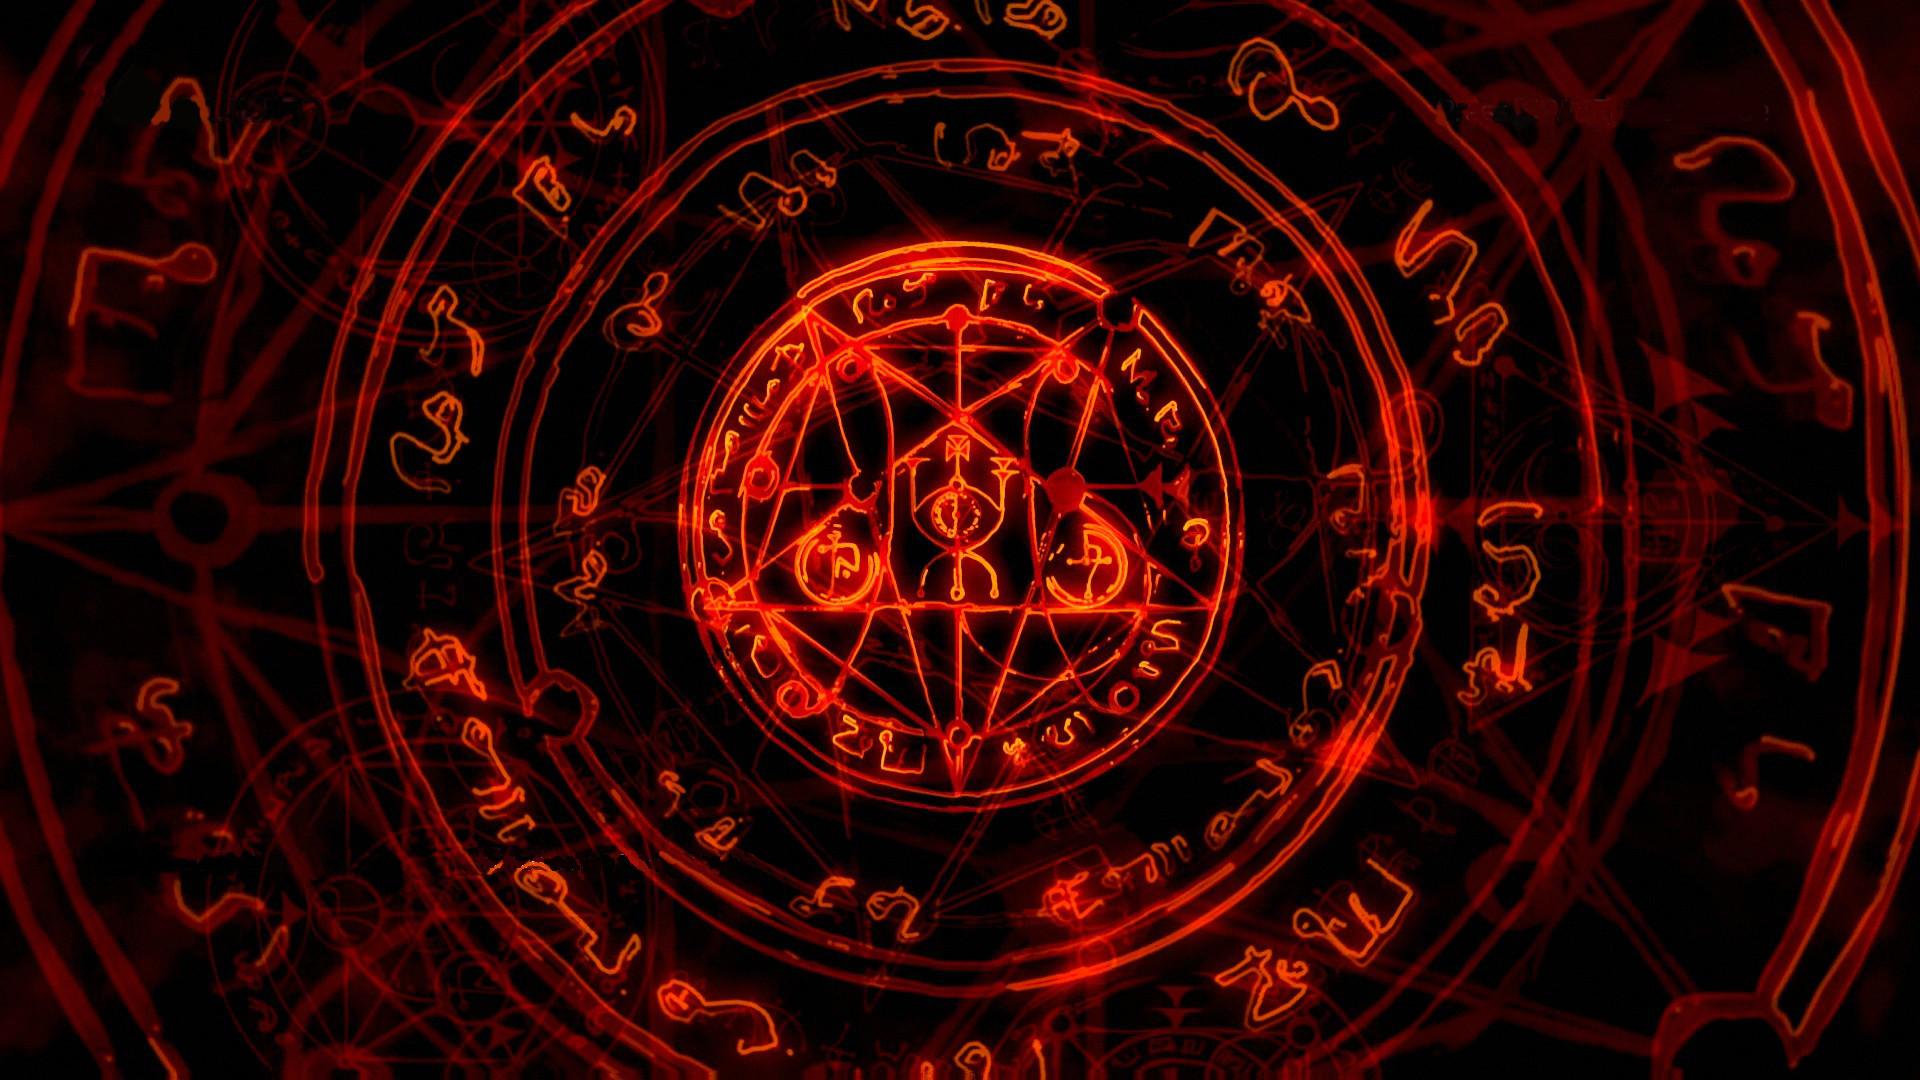 Doom 2016 Rune Wallpaper